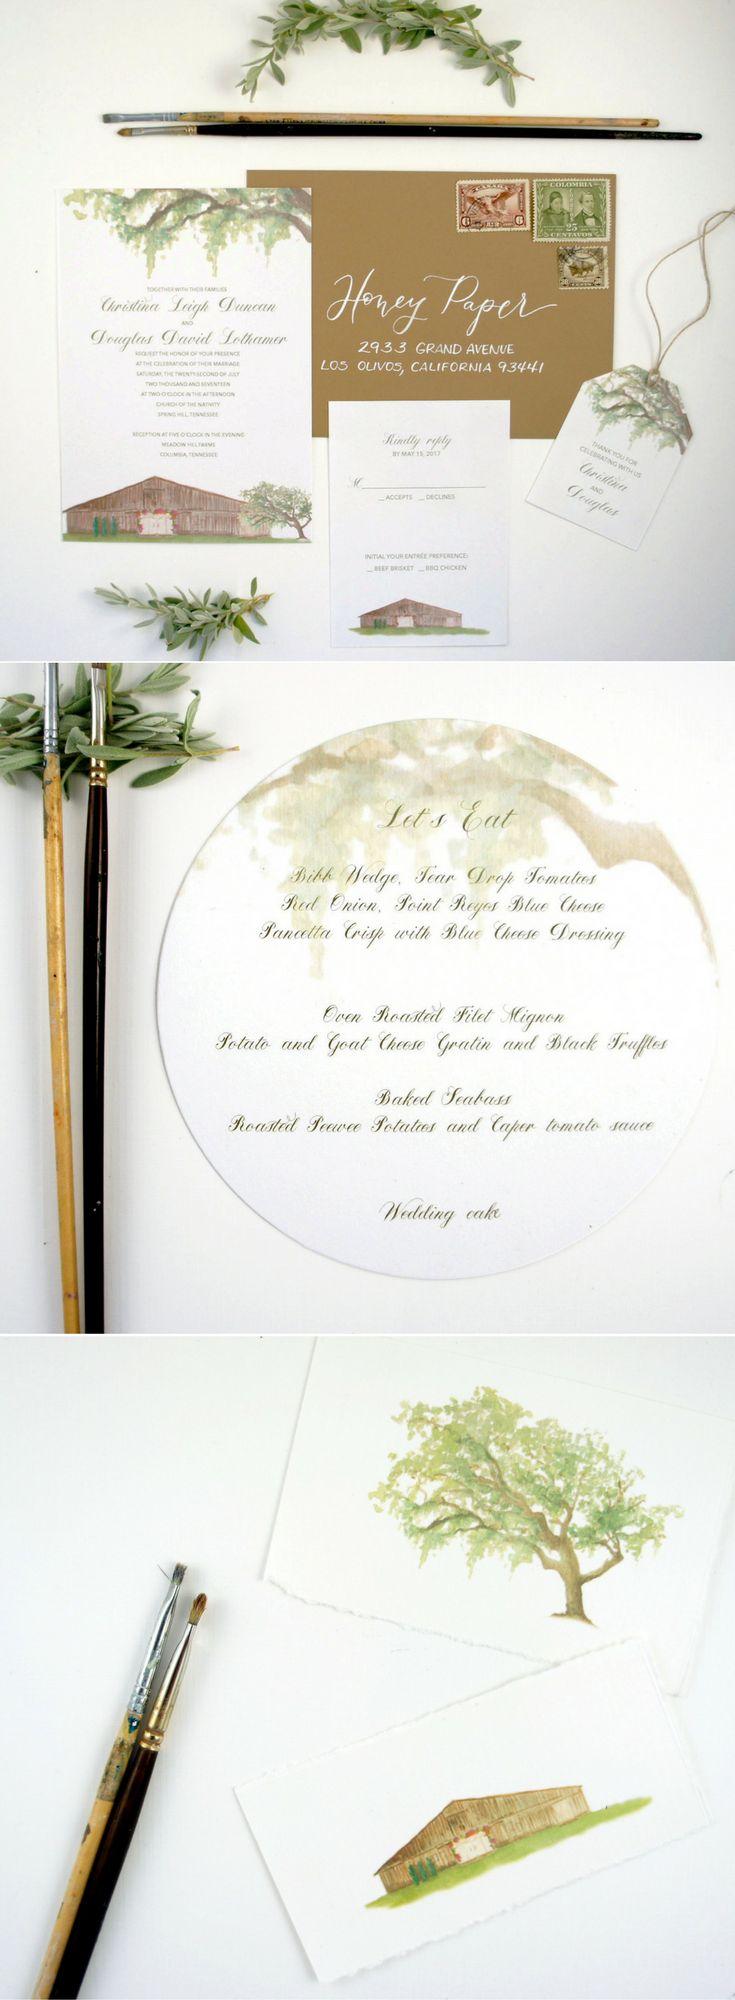 sample wedding invitation letter for uk visa%0A A Pastoral  u     Rustic Wedding Celebration